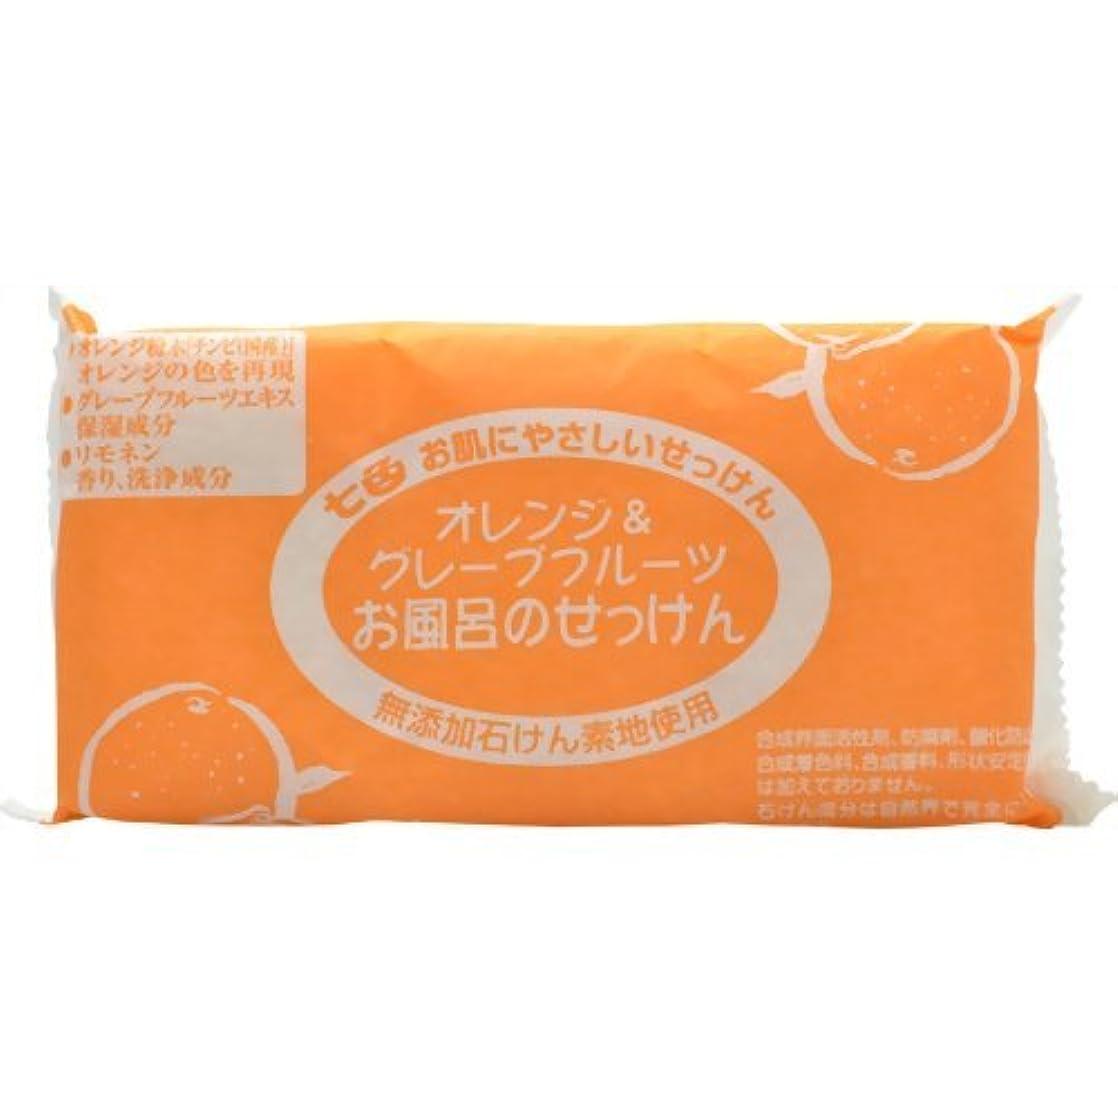 災難次へ克服するまるは オレンジ&グレープフルーツ お風呂の石鹸 3個入り